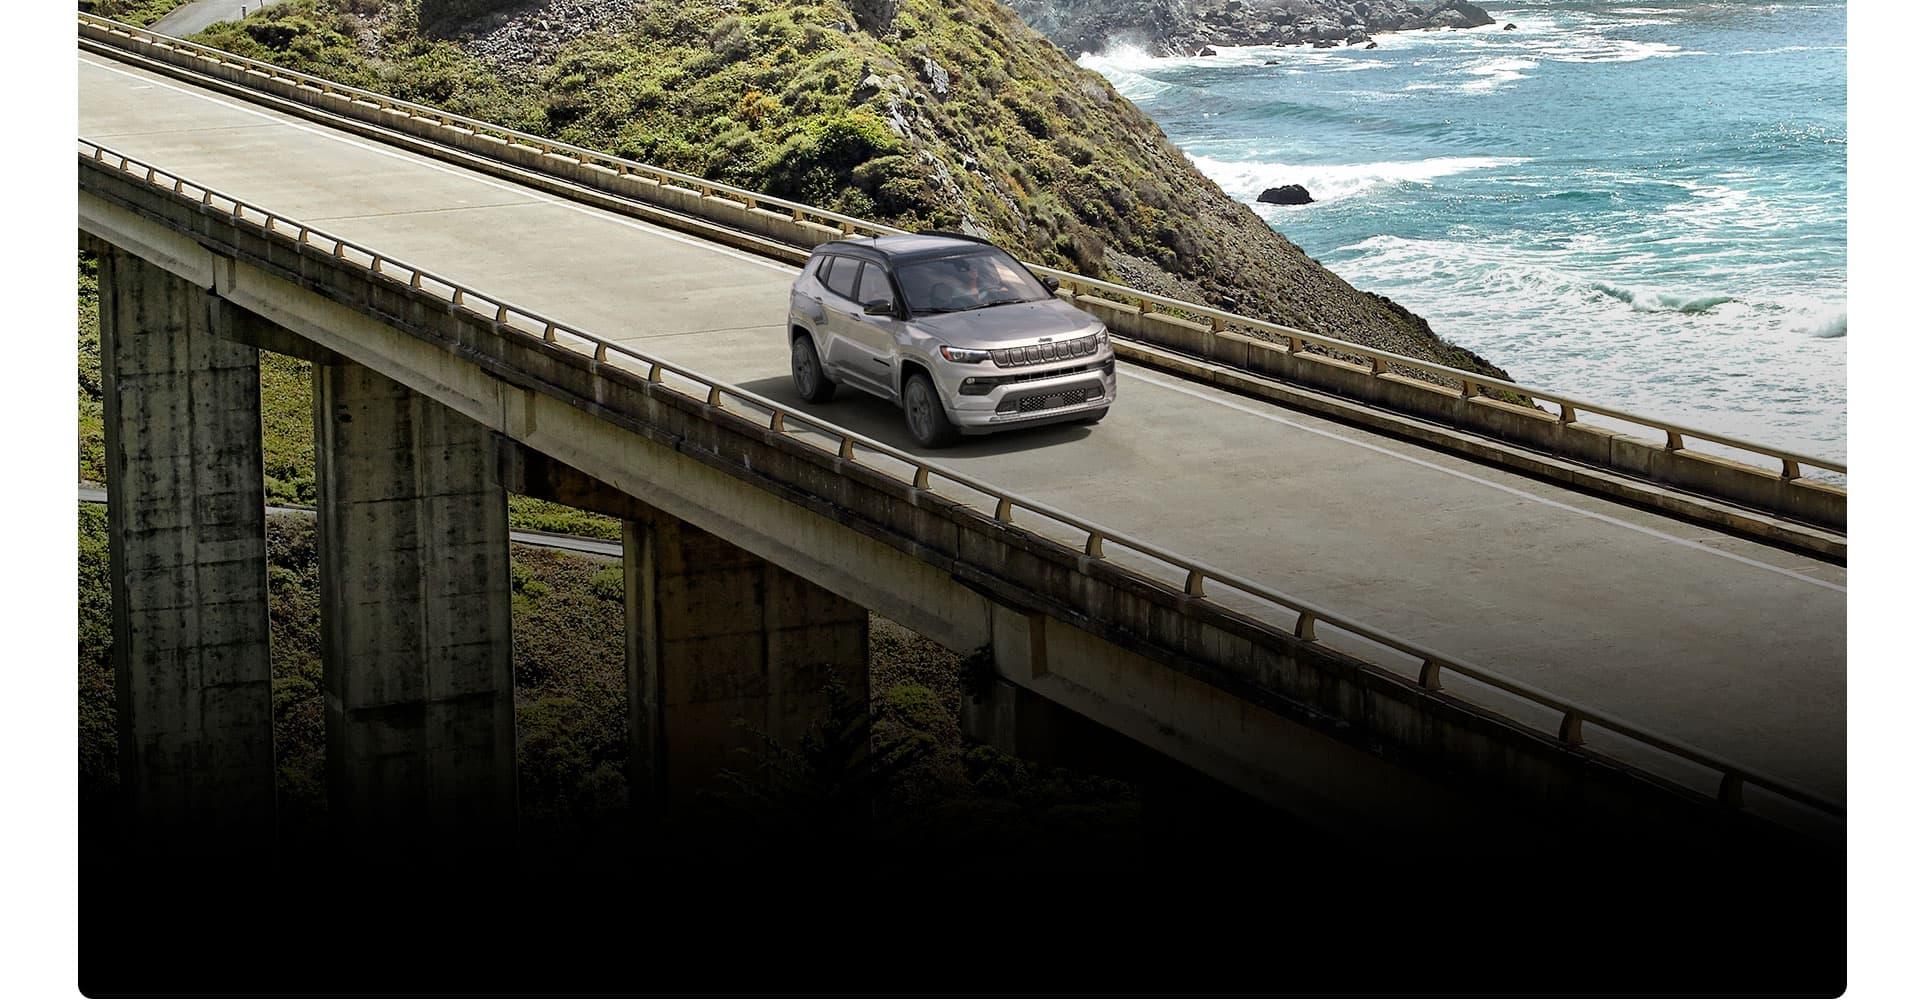 El Jeep Compass High Altitude 2022 circulando por un puente con una montaña que se pierde hacia el mar de fondo.